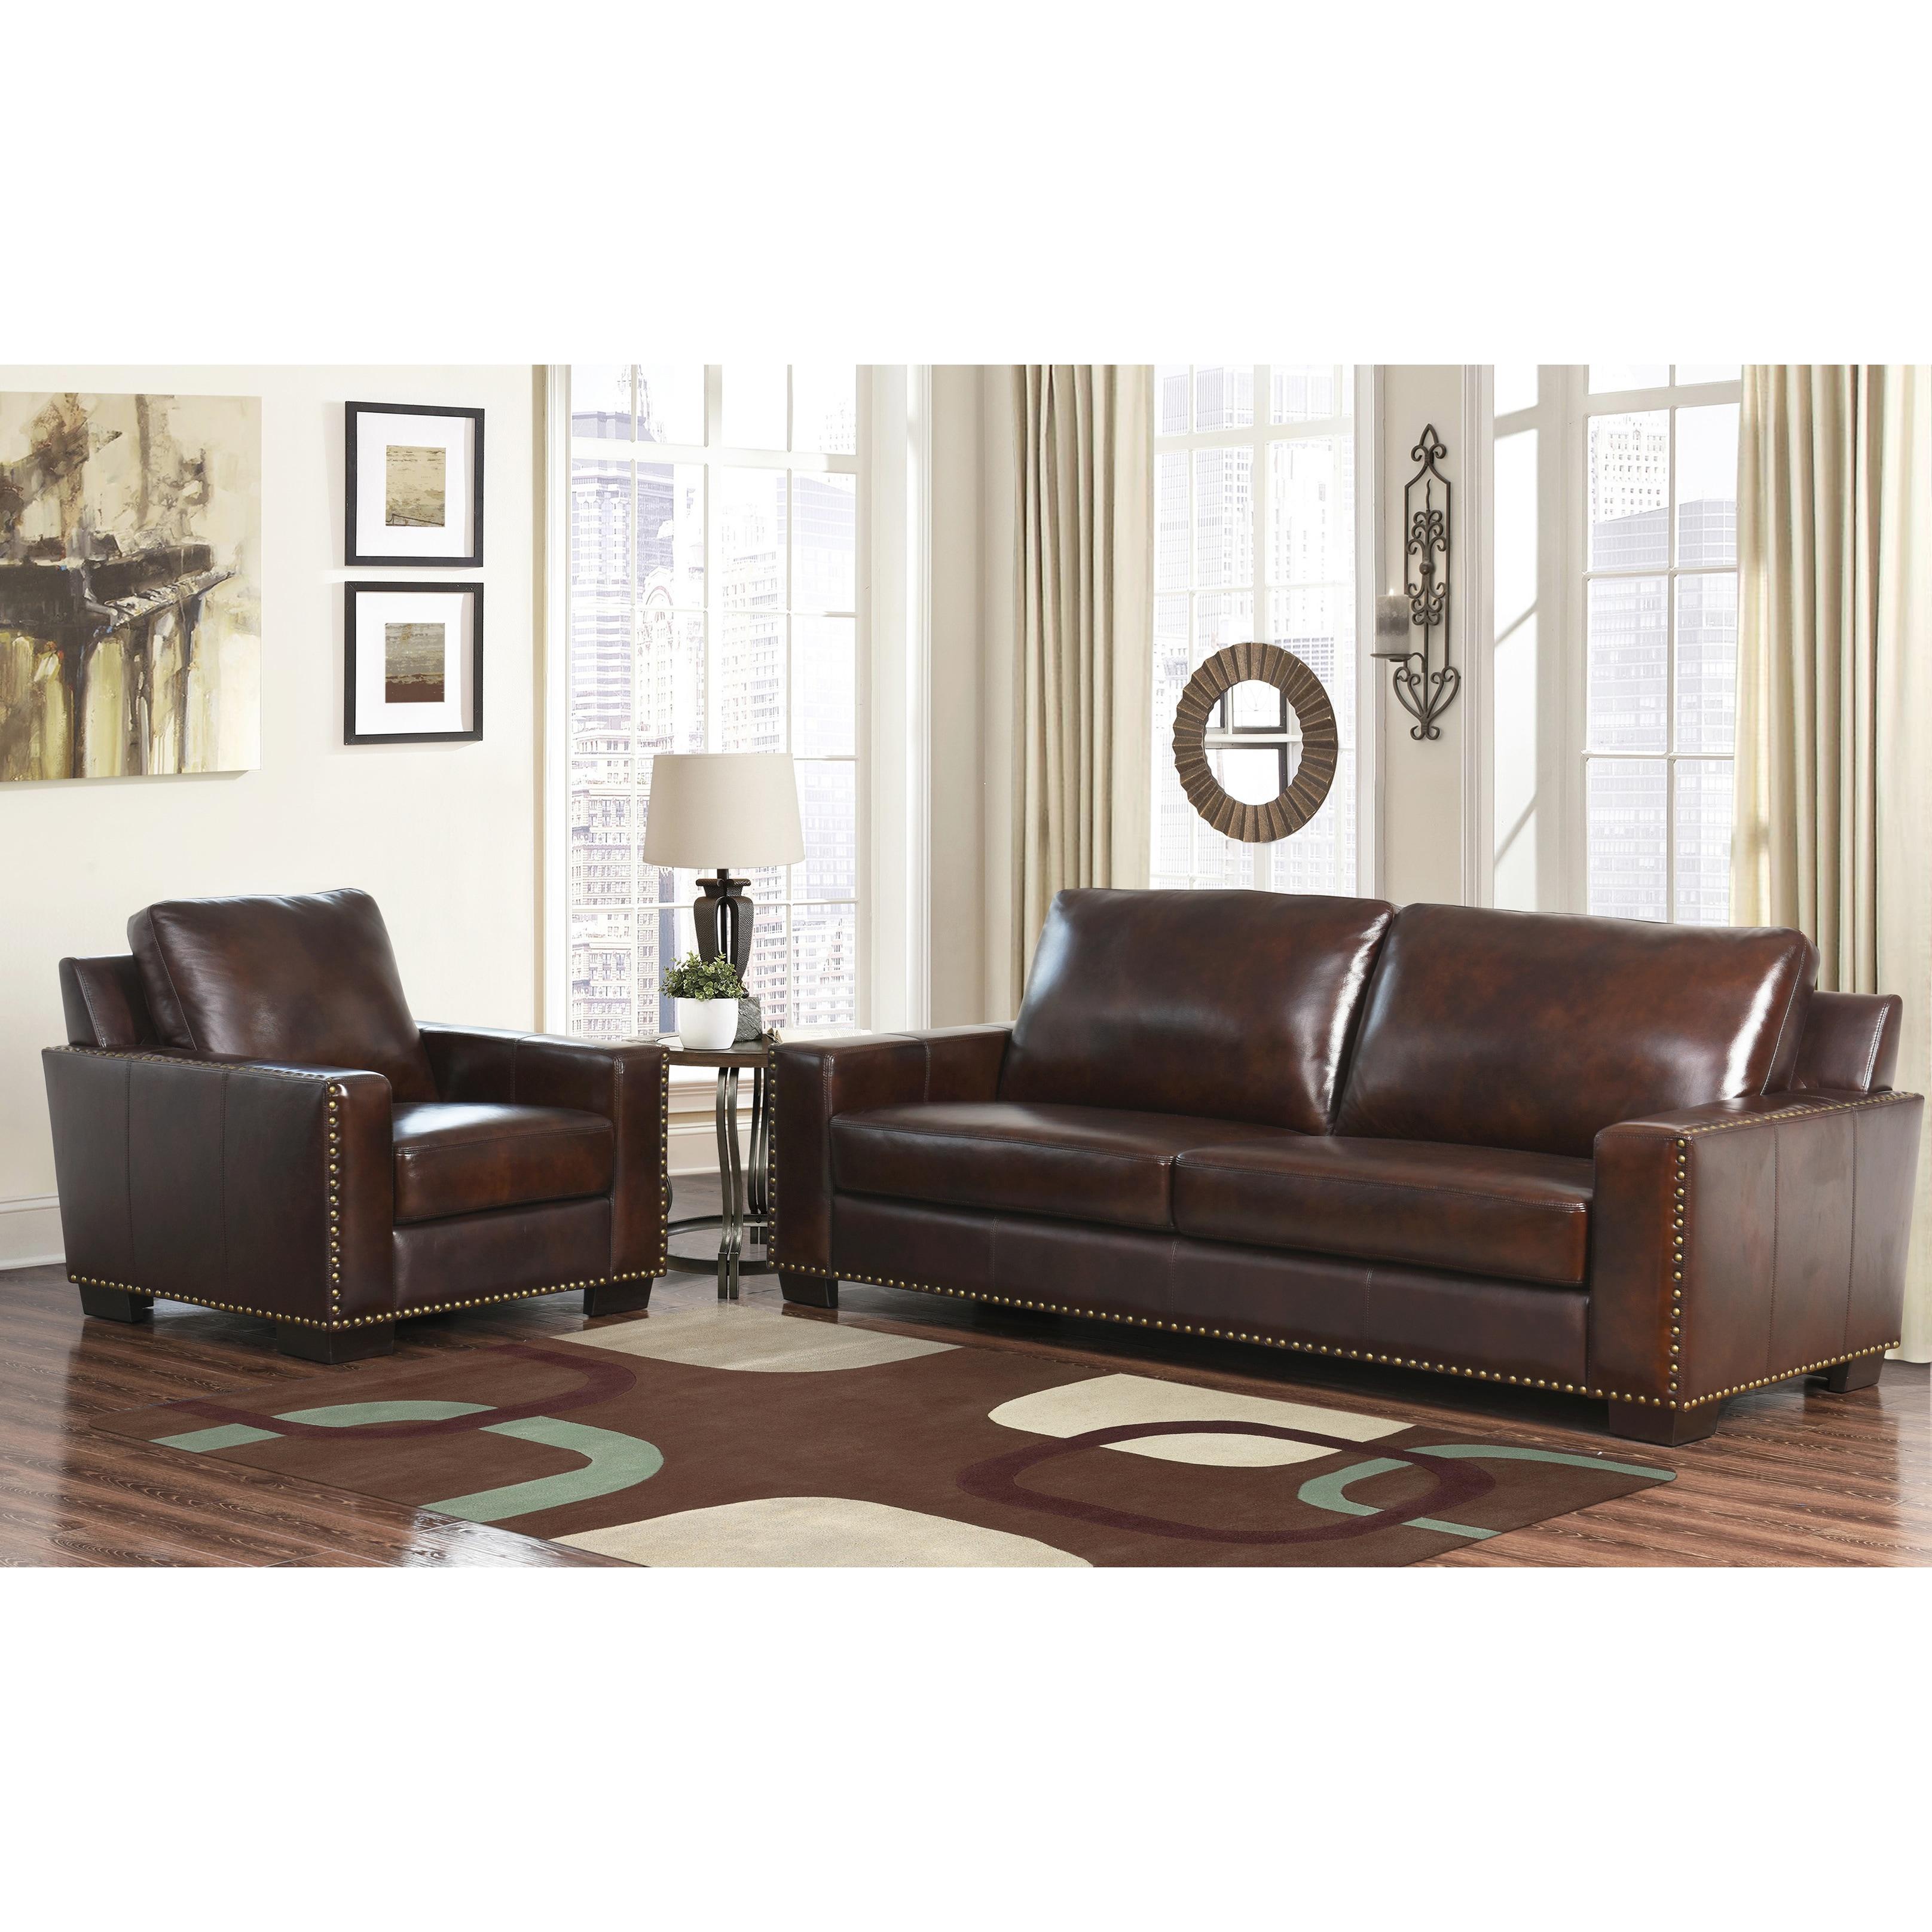 Abbyson Barrington Hand Rubbed Top Grain Leather Sofa And Armchair